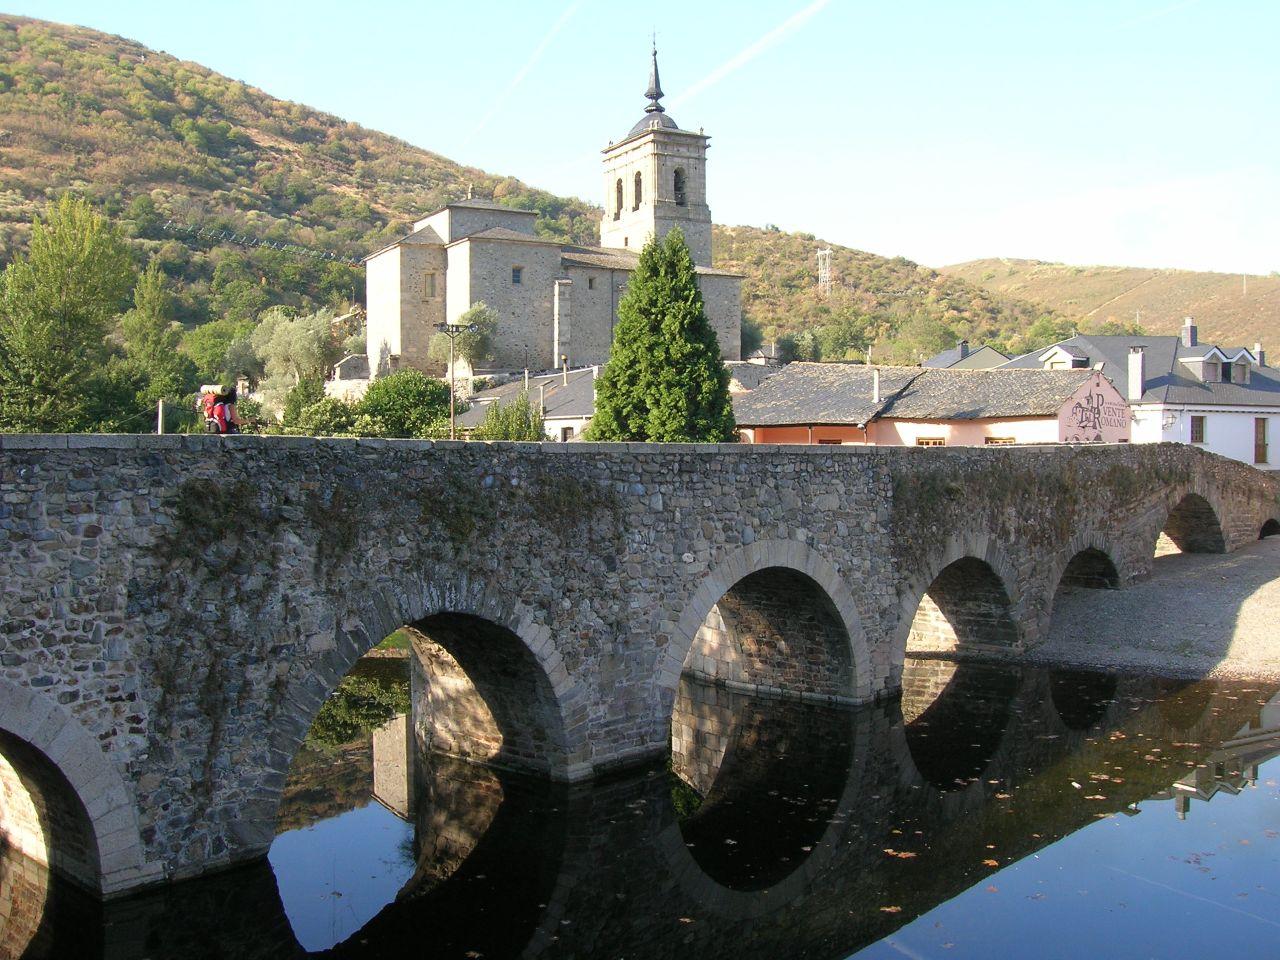 Puente de Molinaseca before arrive in Ponferrada